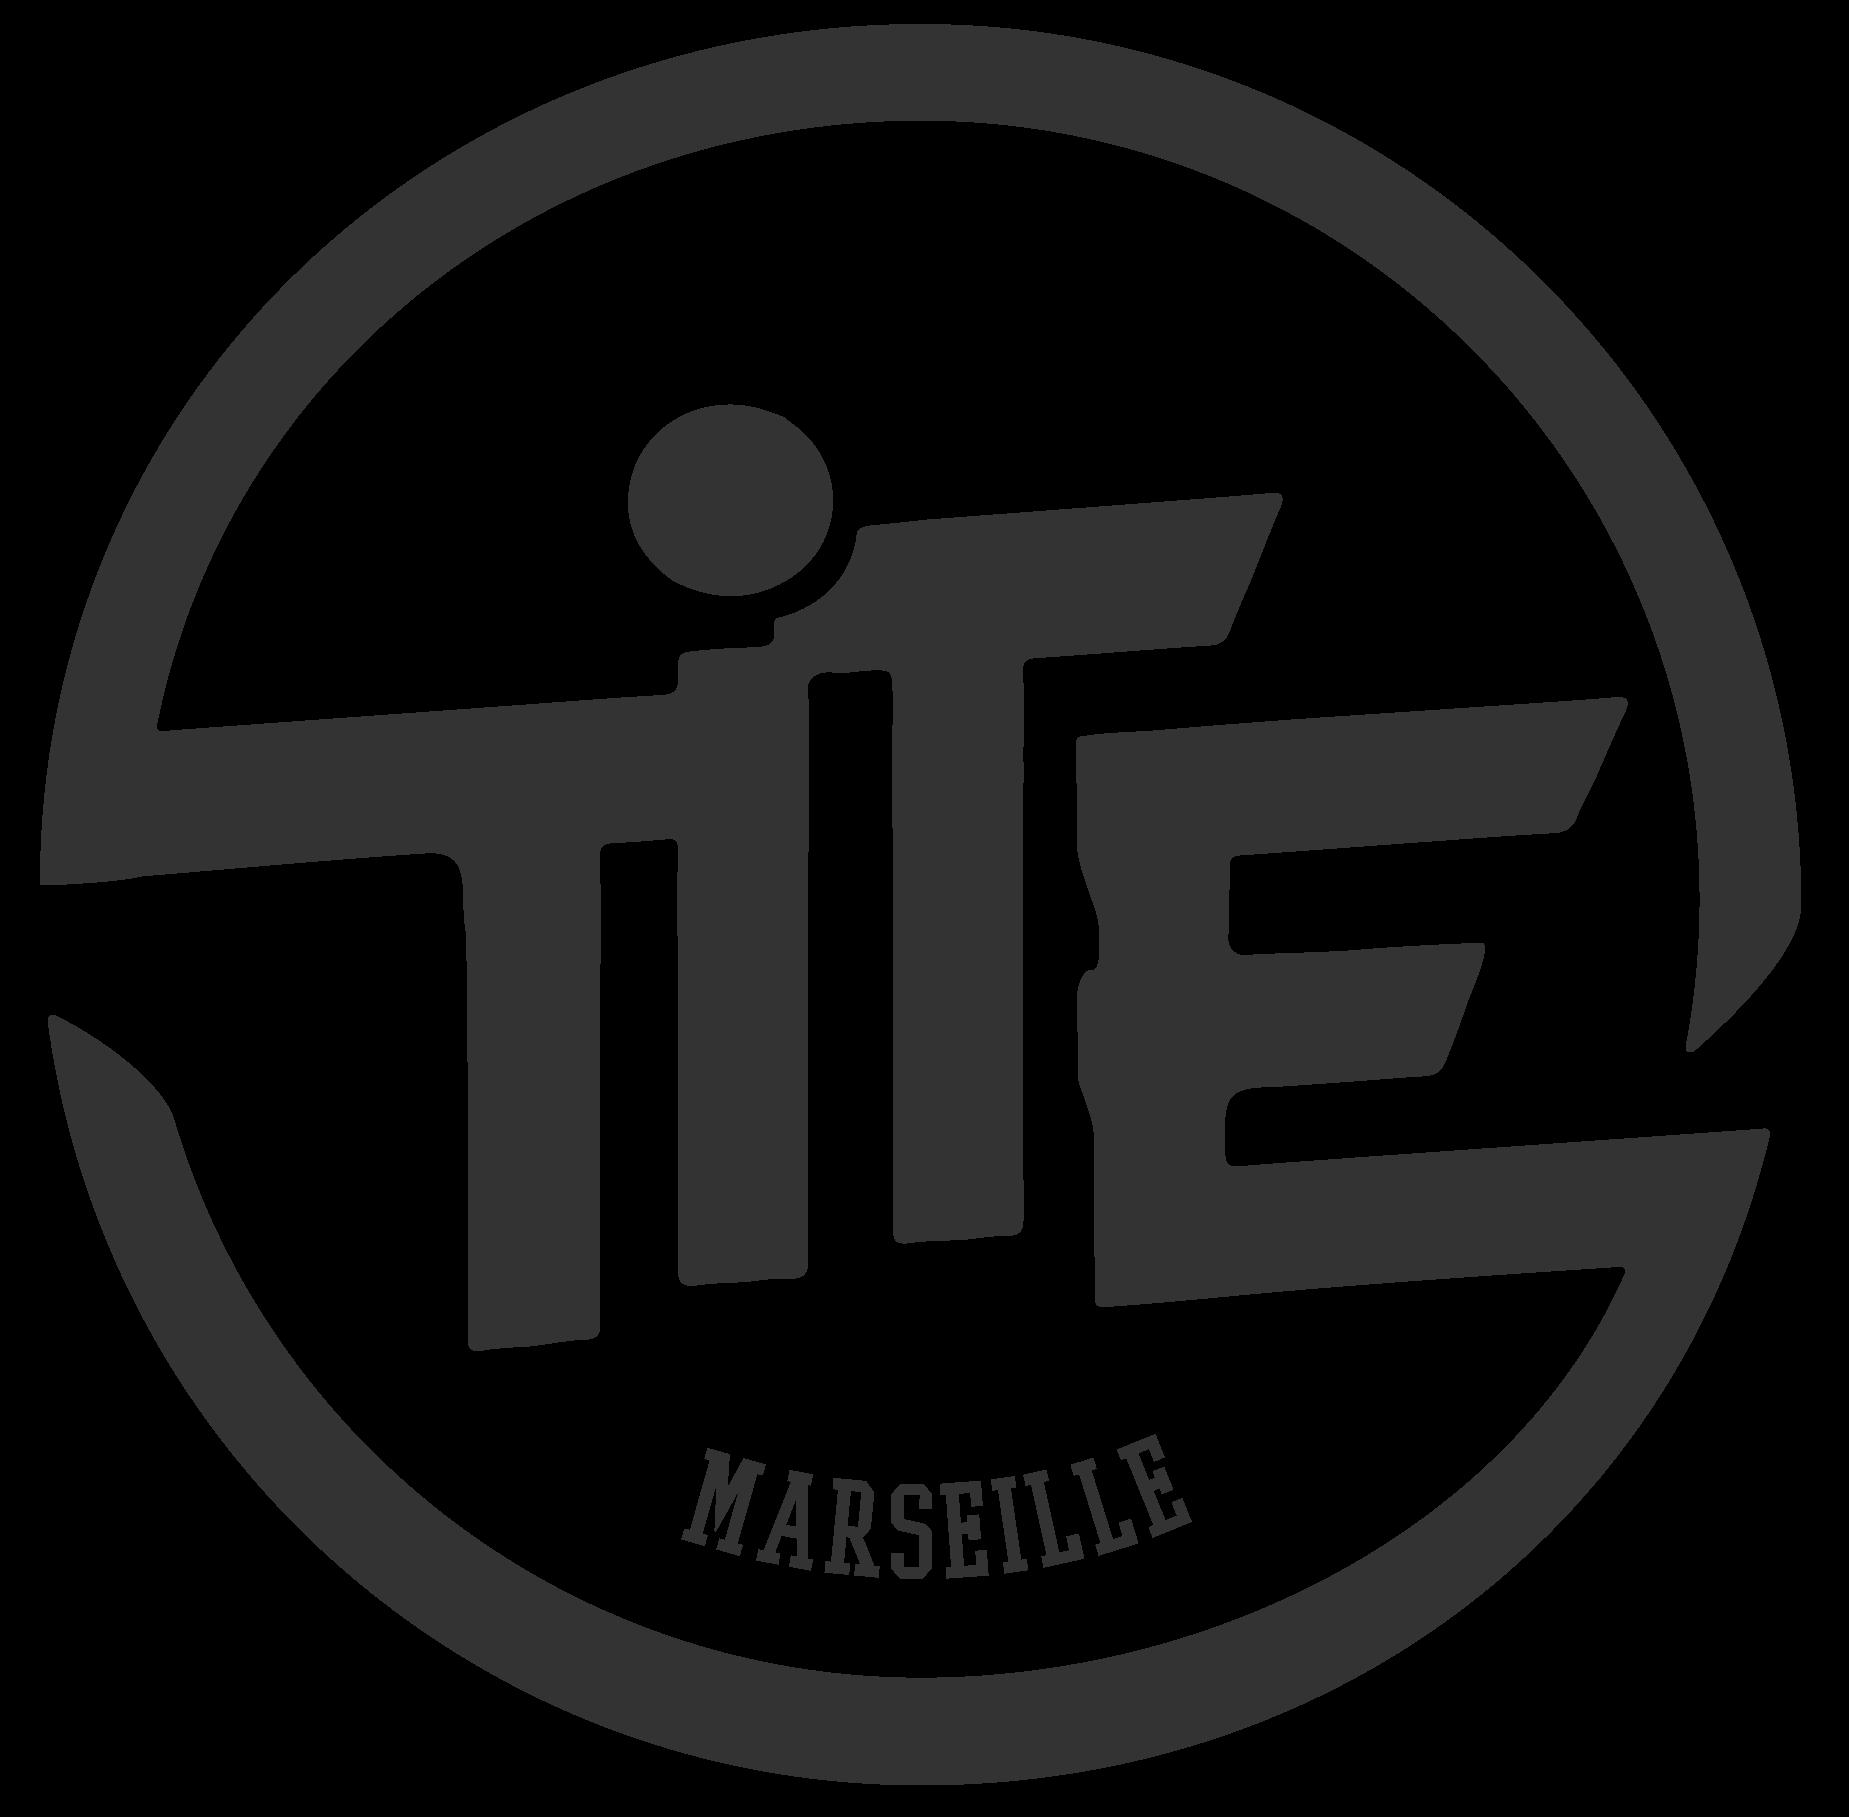 TITE Marseille